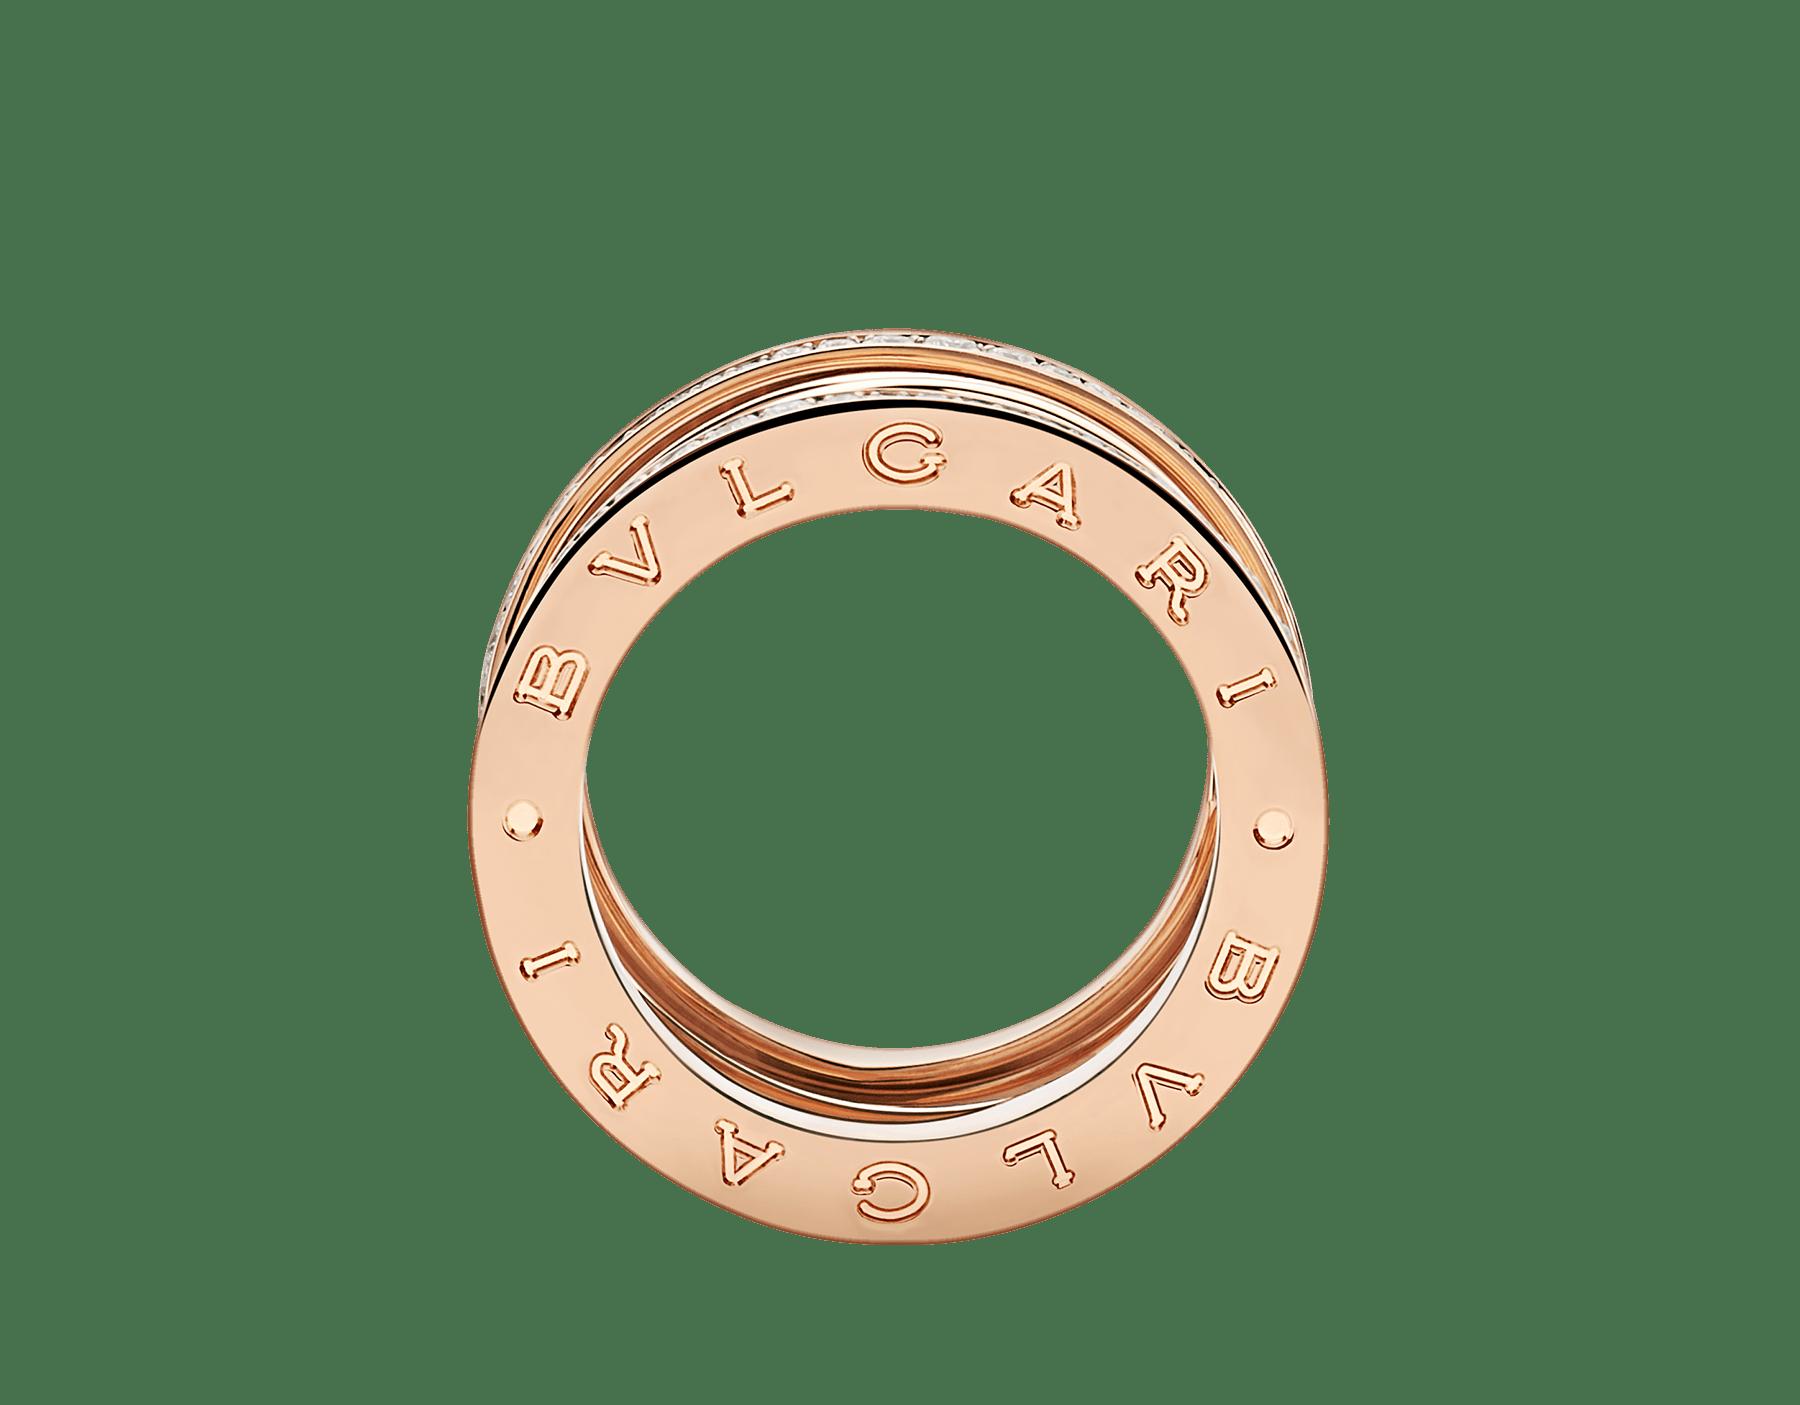 Anel B.zero1 Design Legend de 4 aros em ouro rosa 18K cravejado com pavê de diamantes nas bordas. B-zero1-4-bands-AN858125 image 2